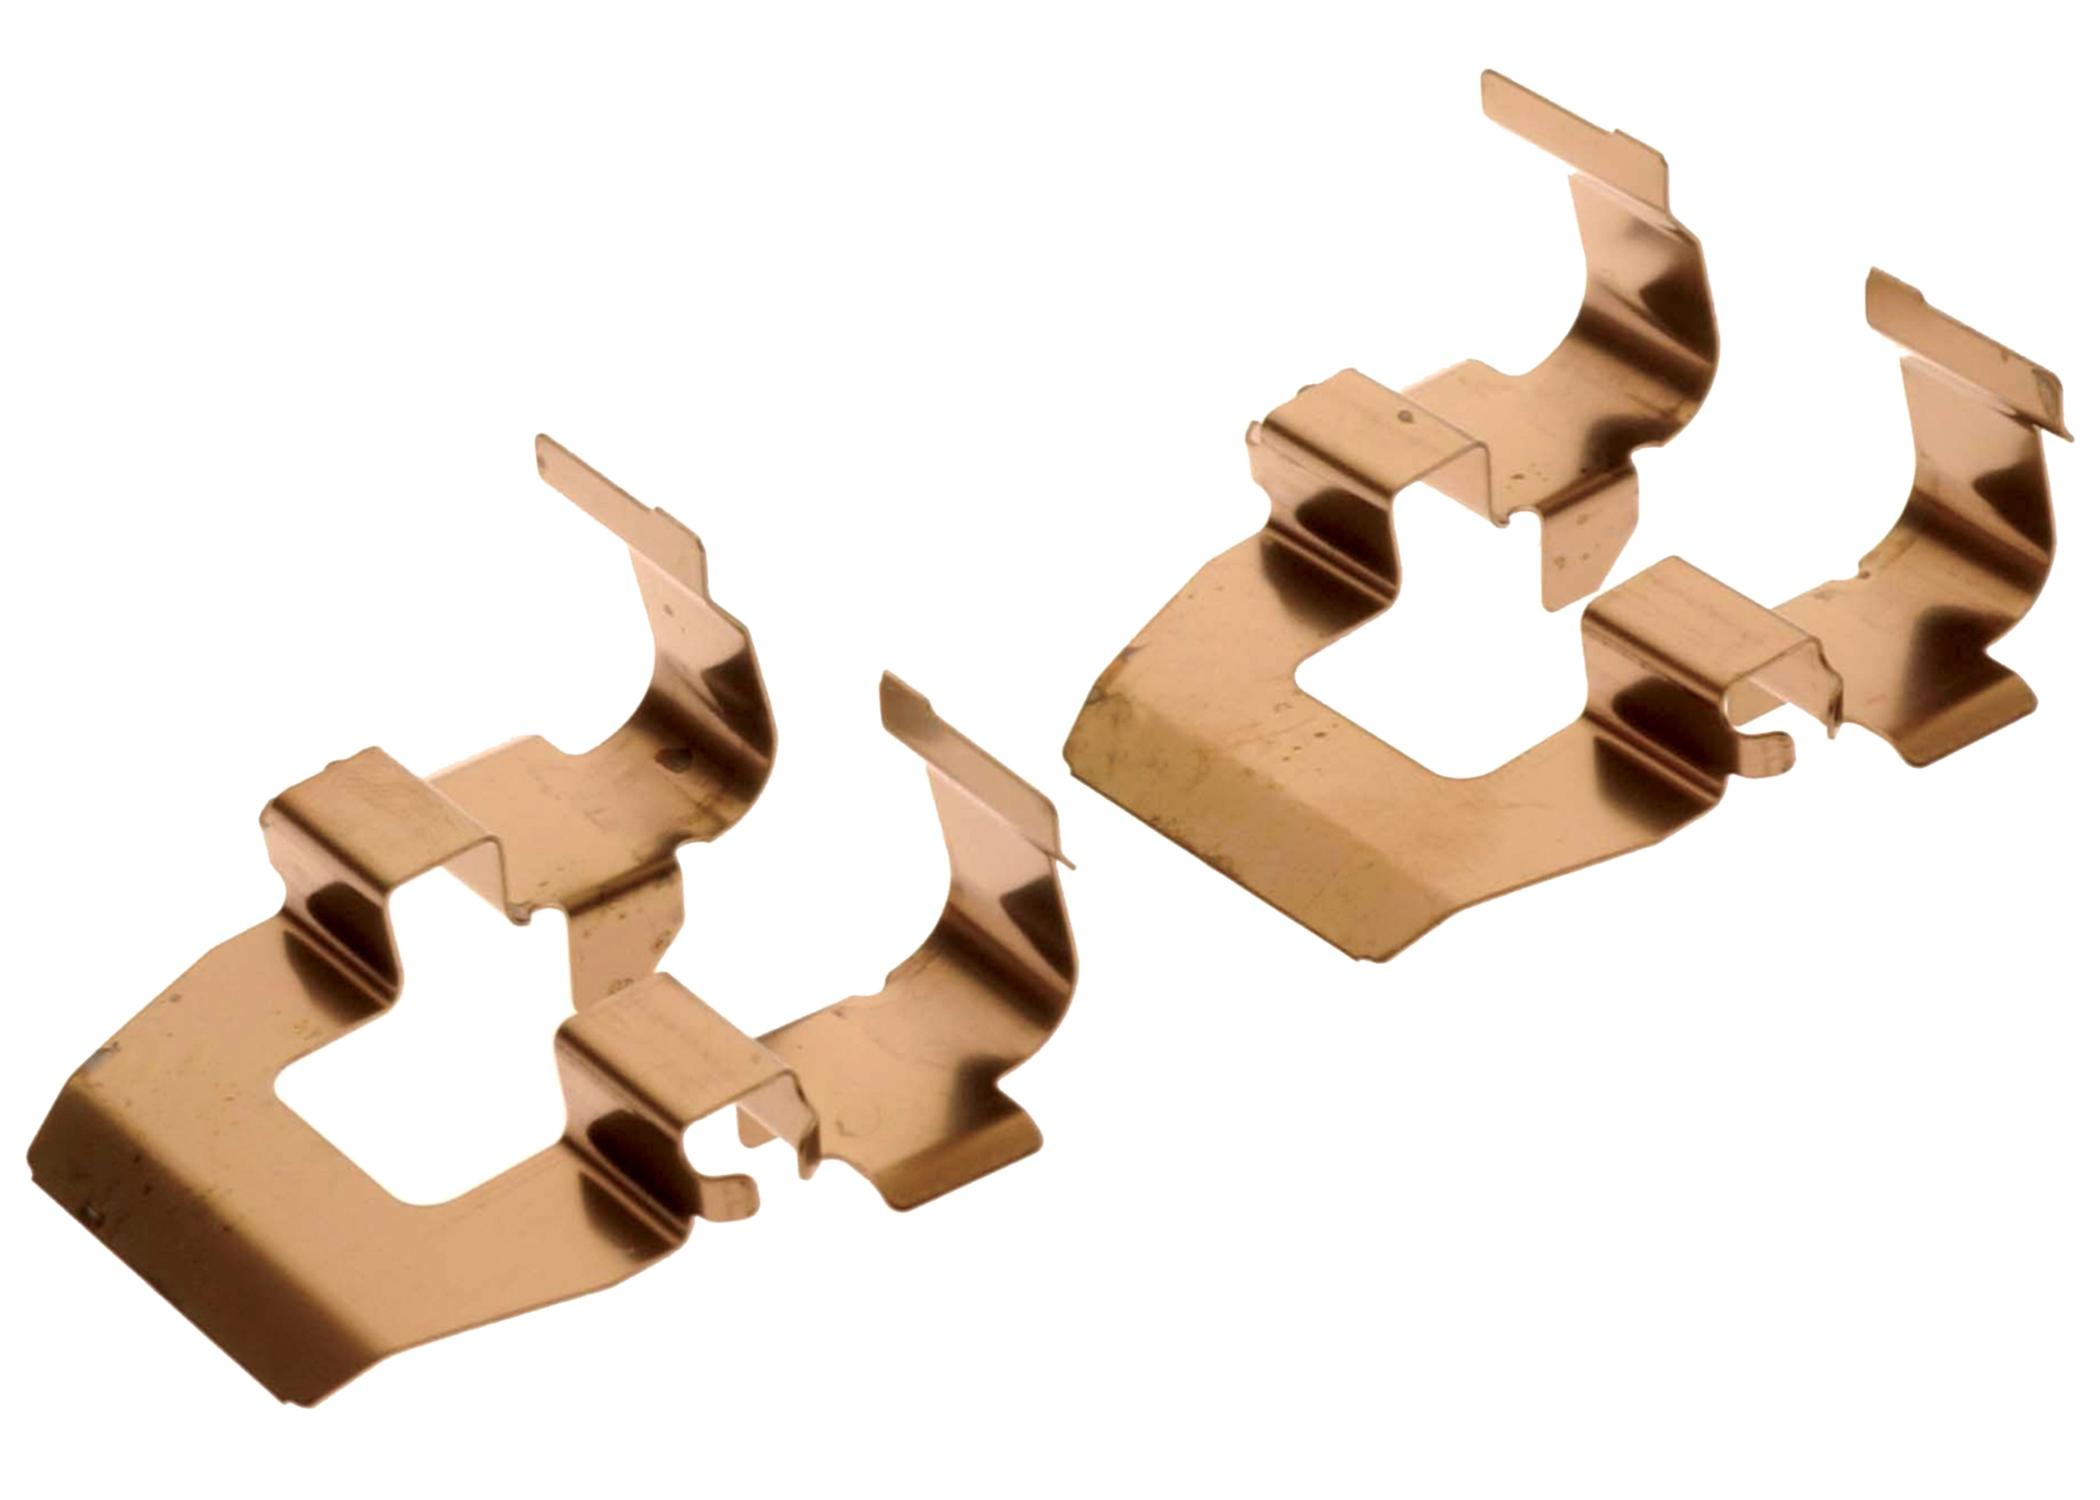 ACDELCO GM ORIGINAL EQUIPMENT - Disc Brake Pad Retaining Clip - DCB 179-1205